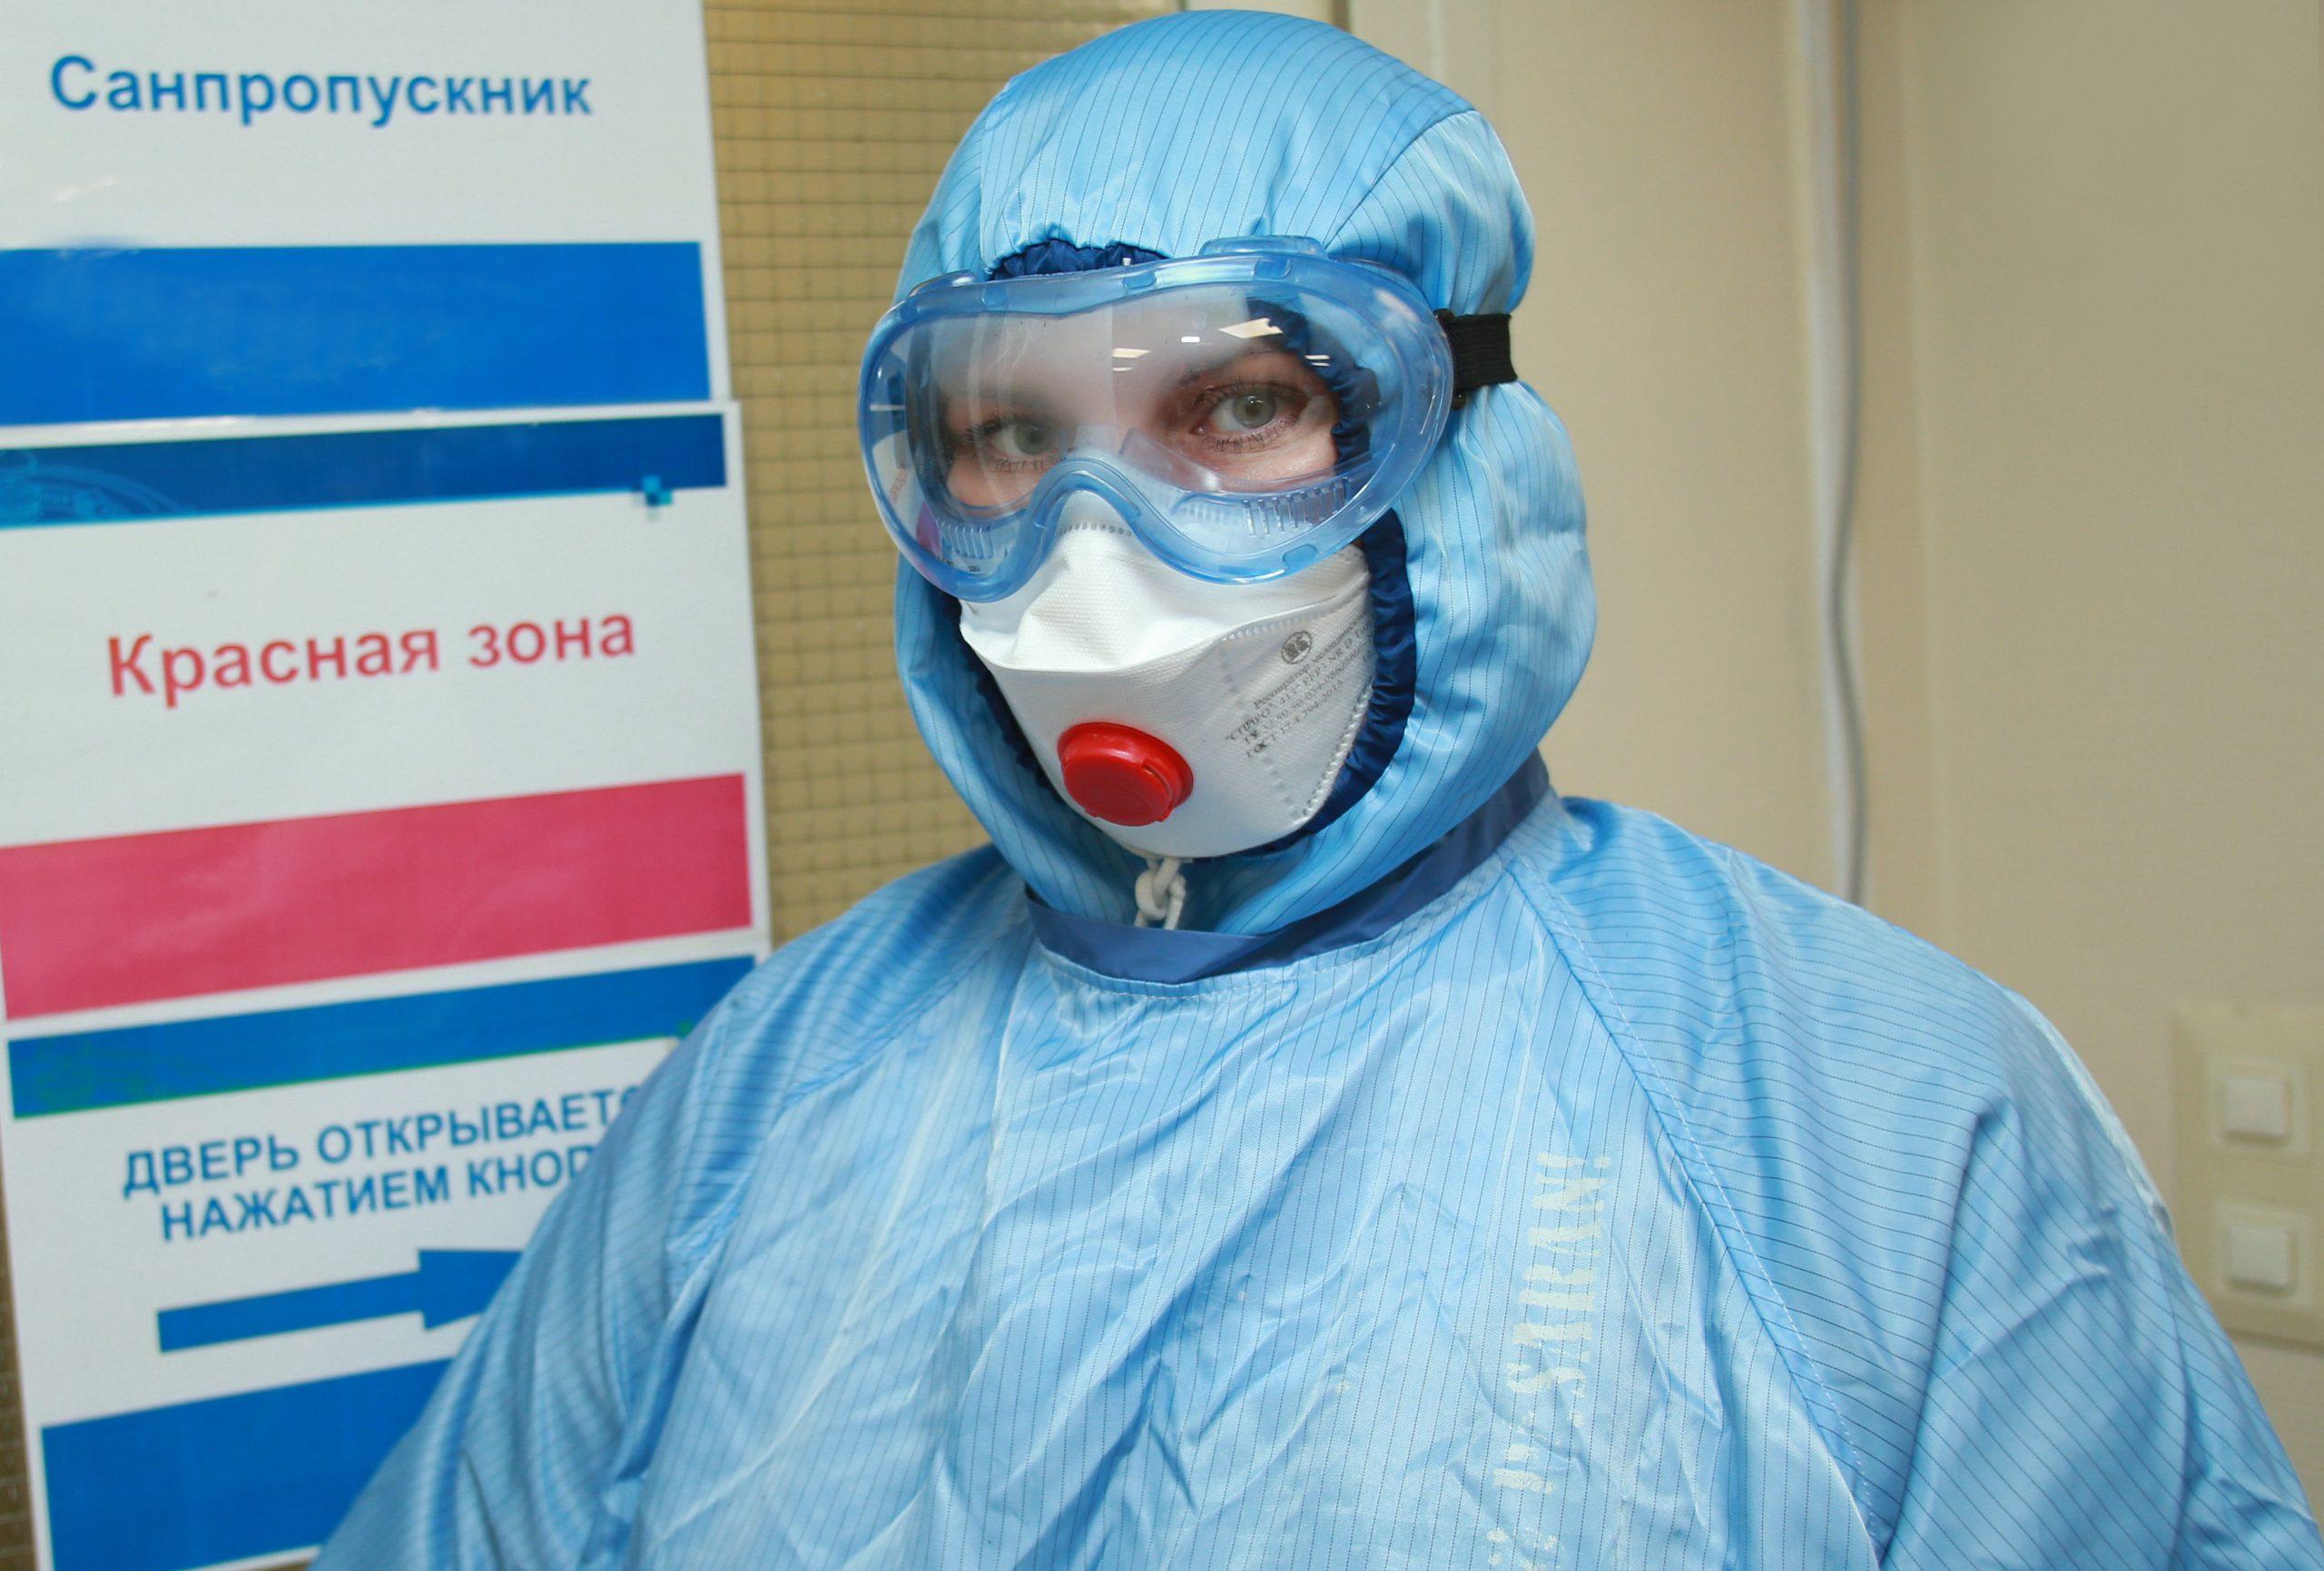 Врачи Москвы поставили 1,6 тысячи диагнозов COVID-19 за сутки